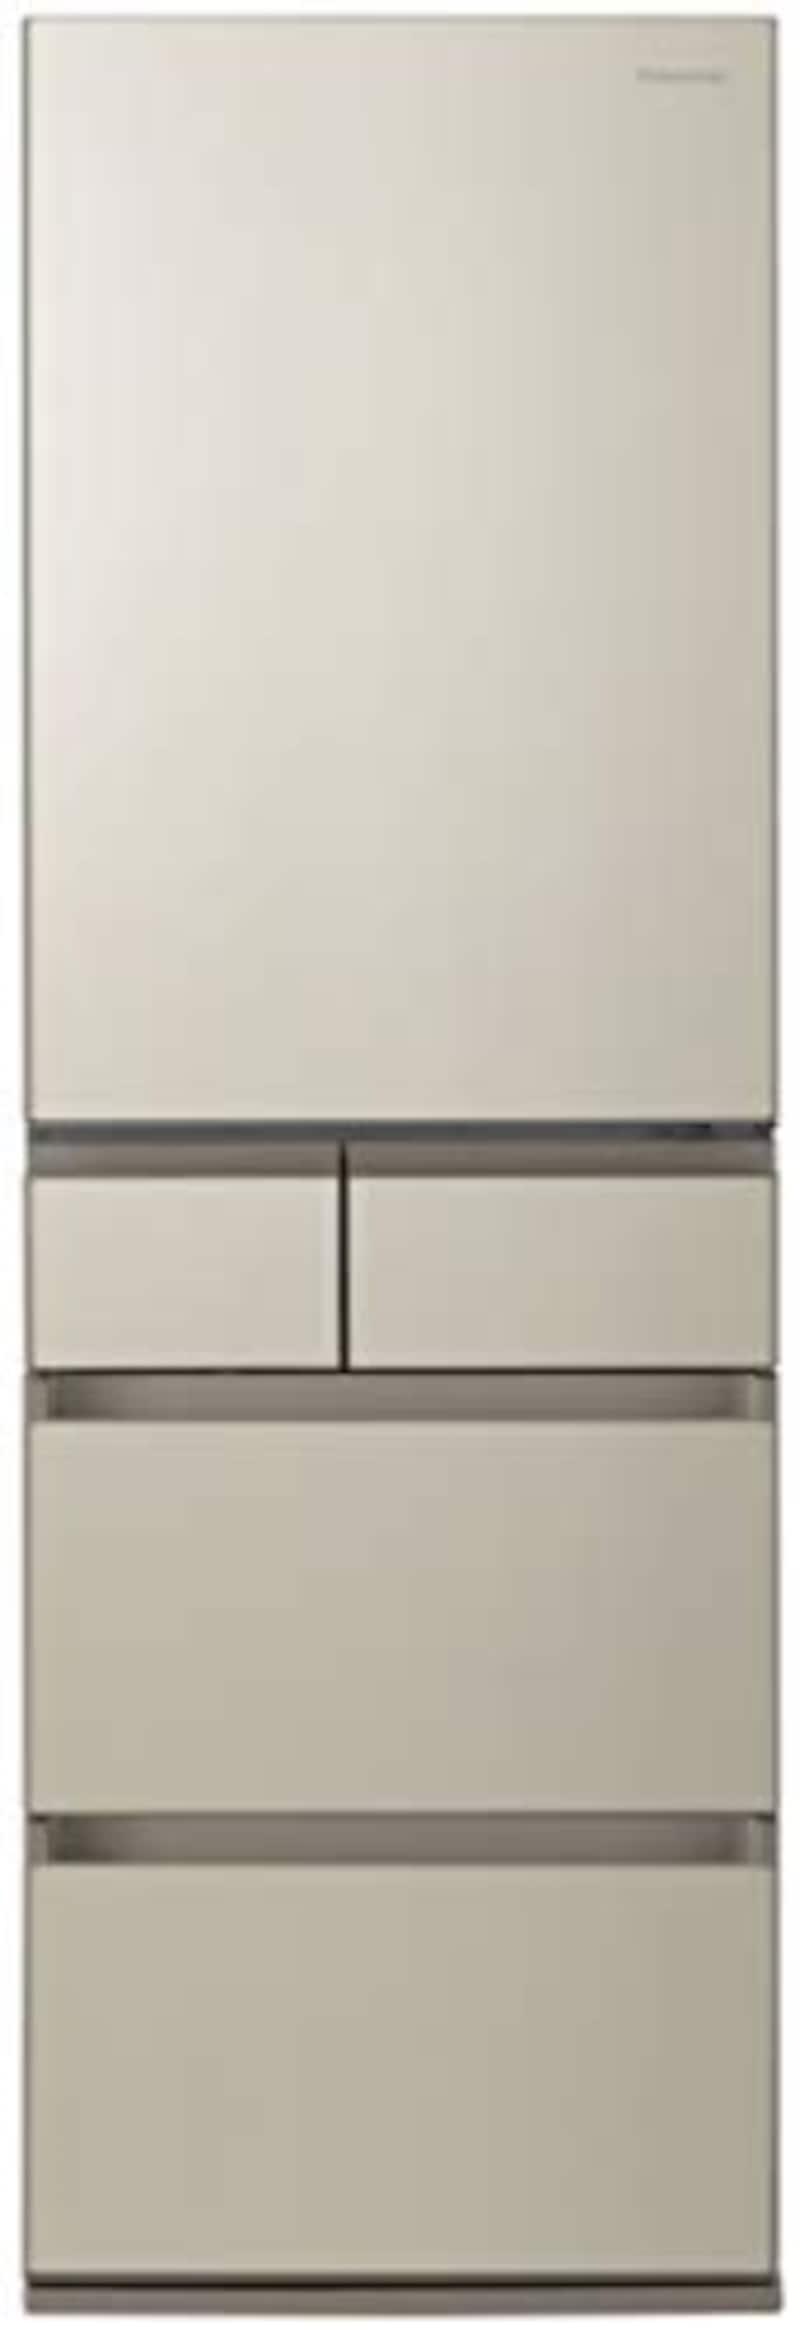 Panasonic(パナソニック),5ドア冷蔵庫  サテンゴールド ,NR-E457PX-N